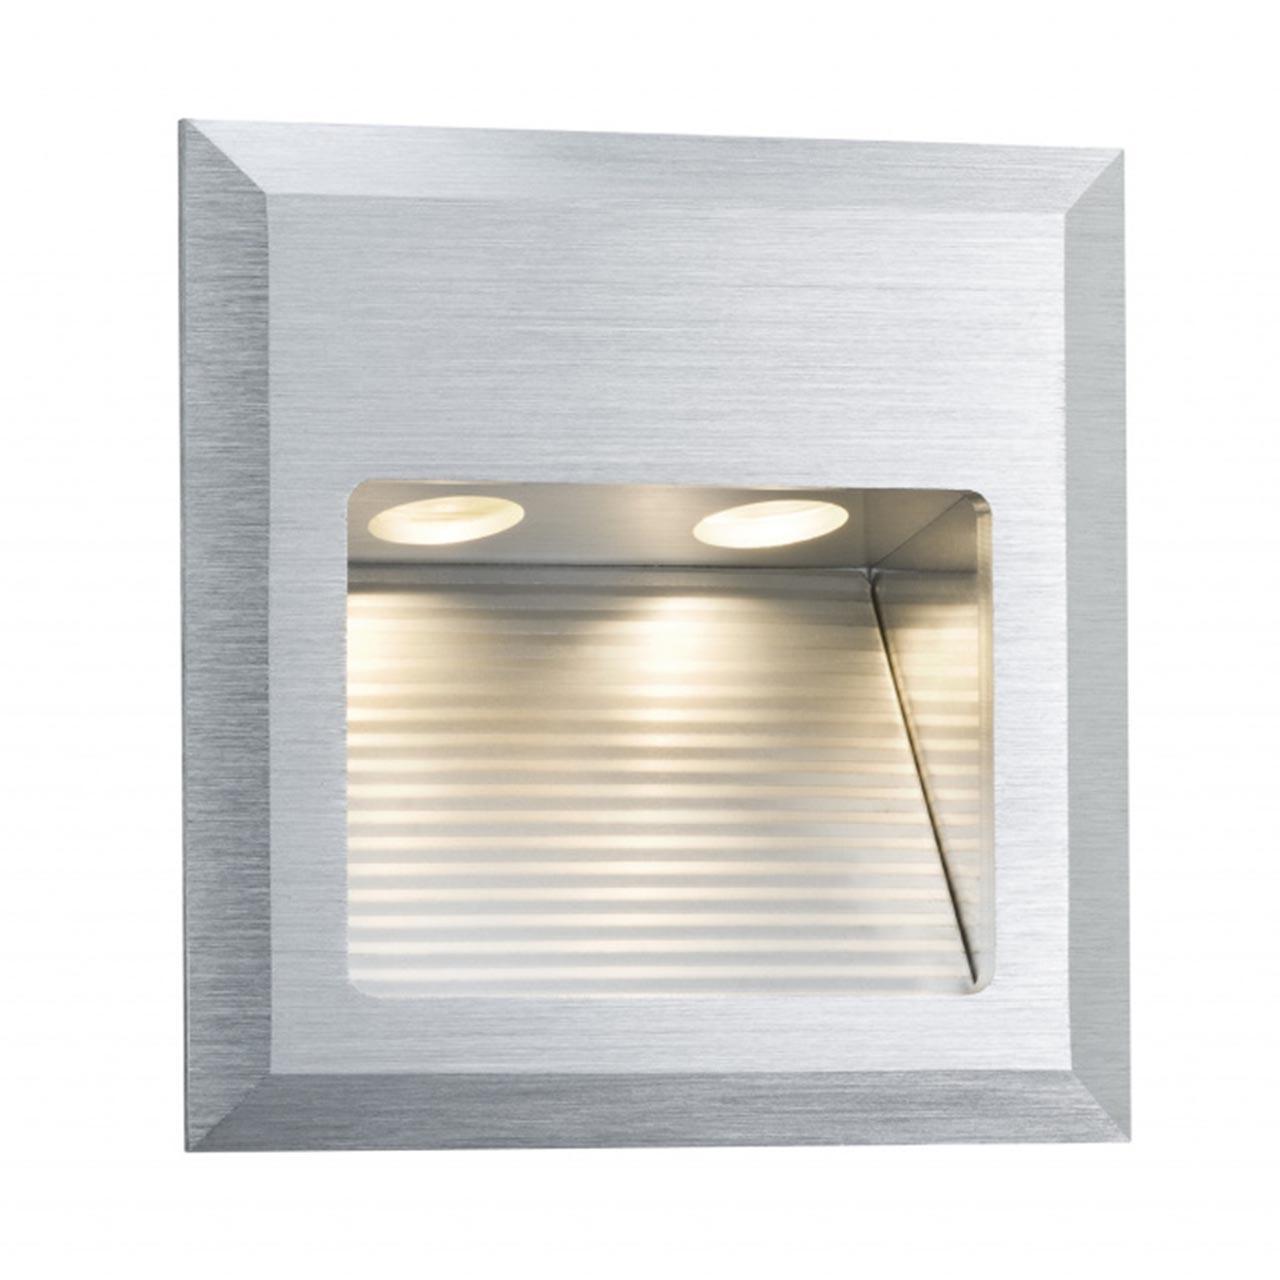 Купить Встраиваемый светодиодный cветильник Wall Led Quadro серого цвета, inmyroom, Германия